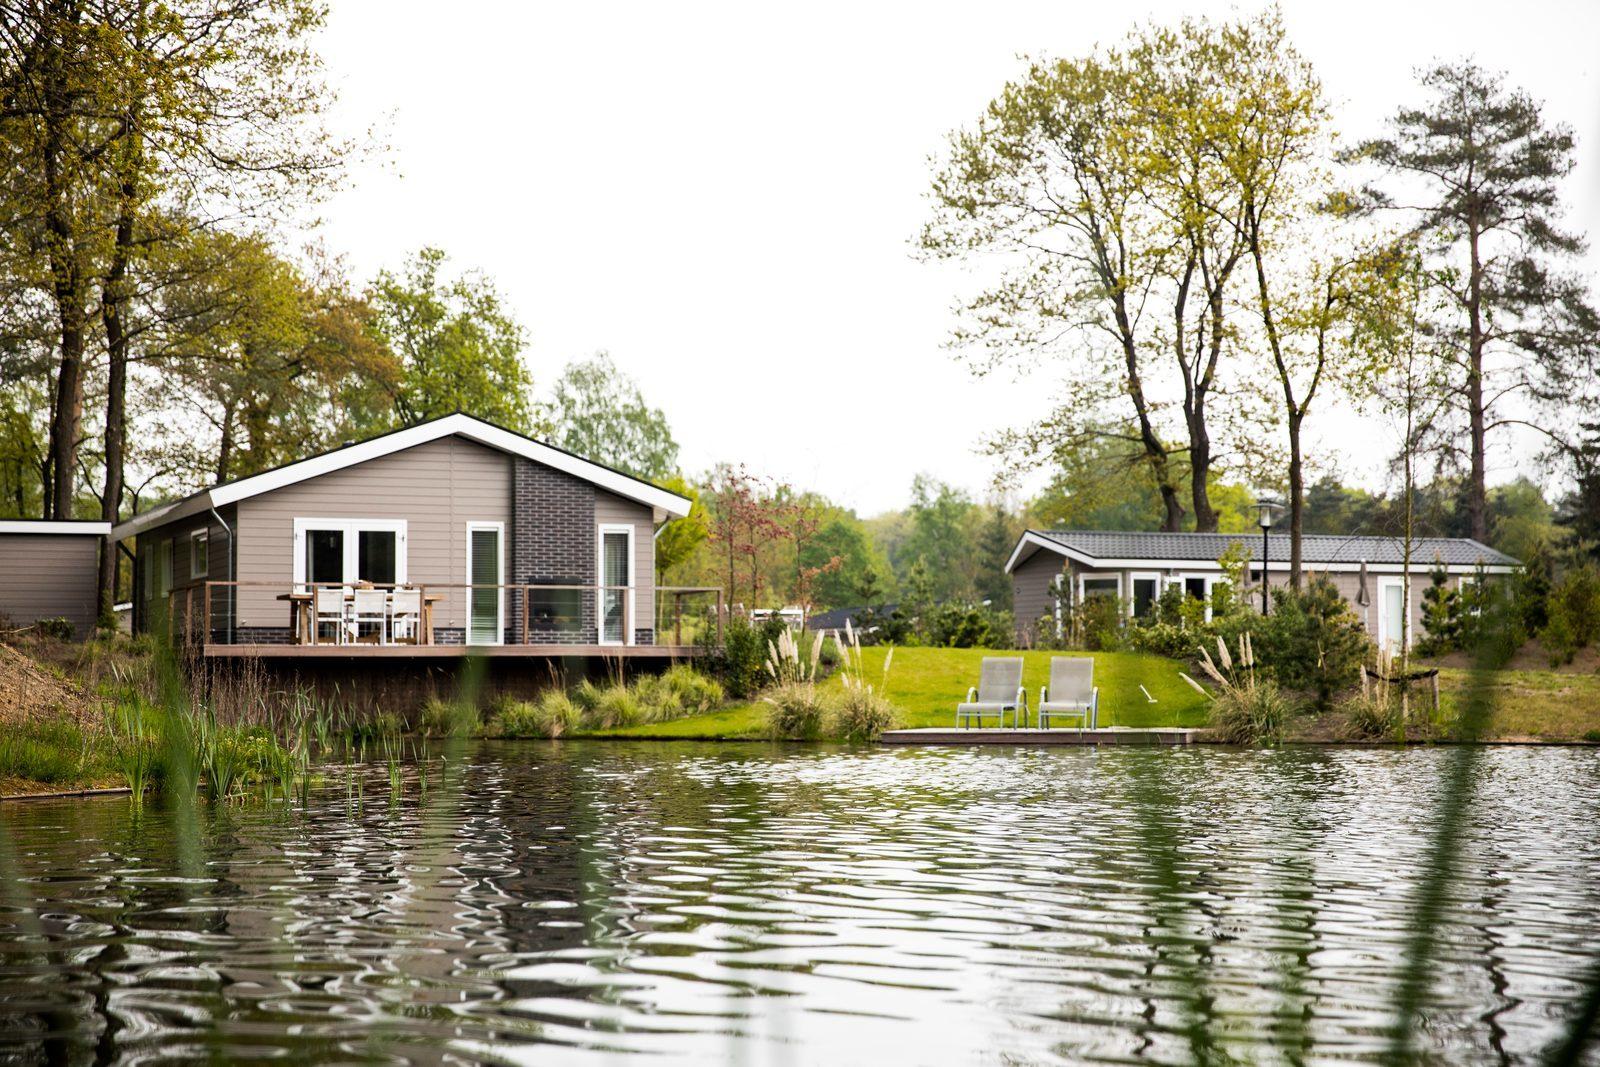 Ein Ferienhaus am Wasser